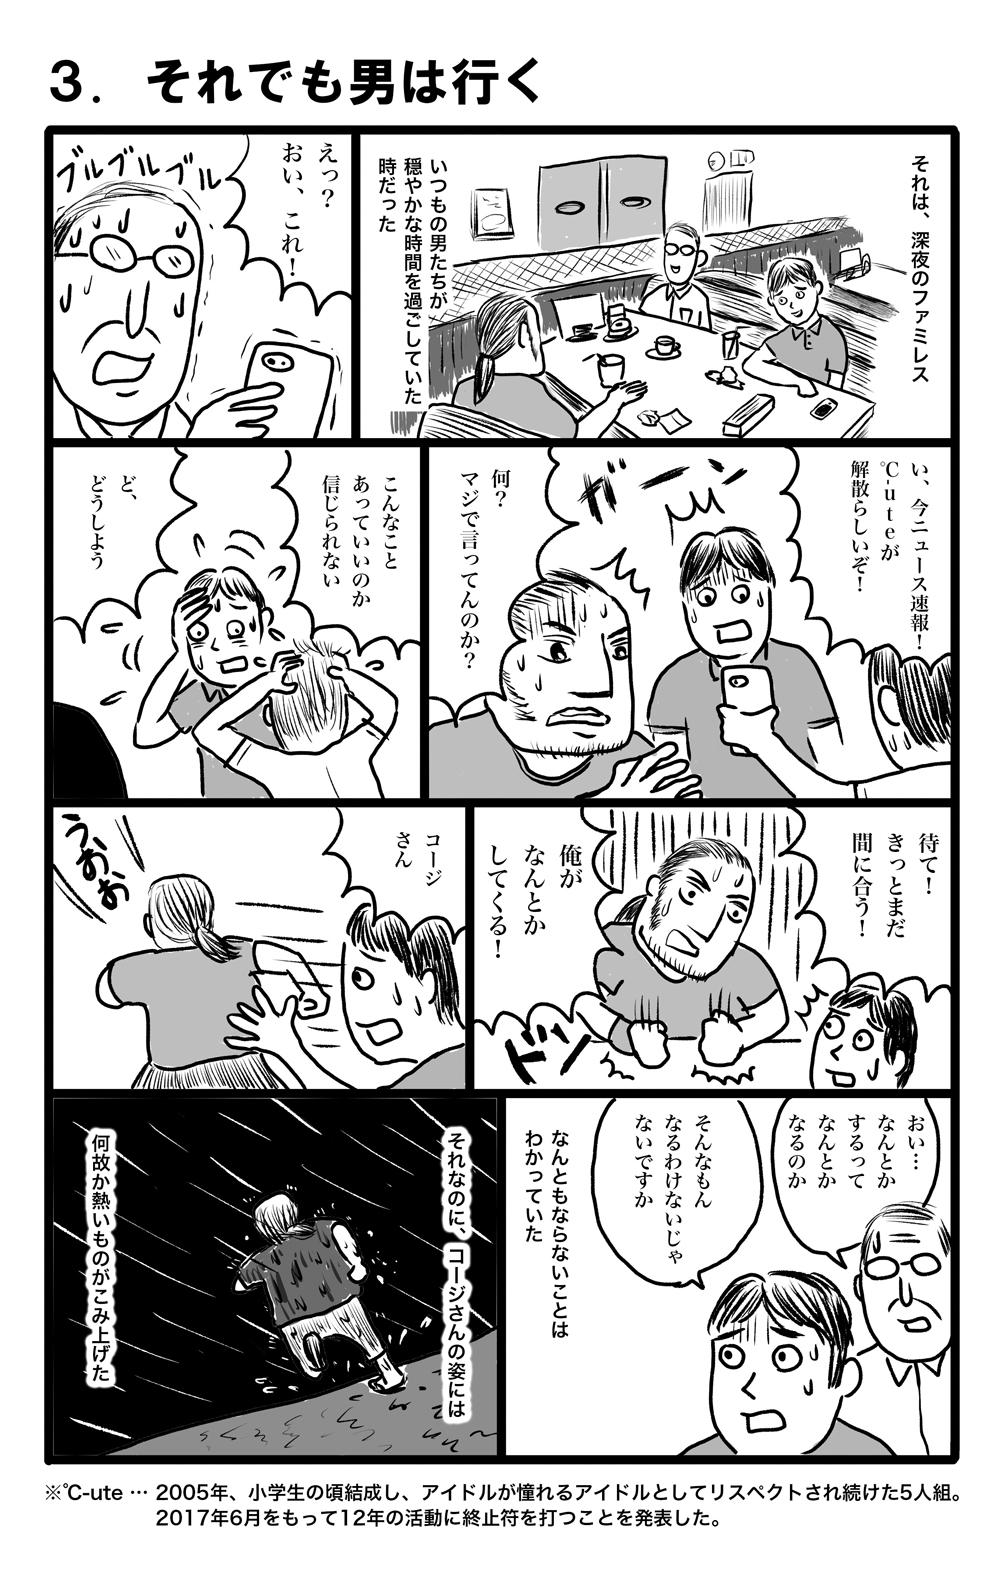 tsurugi-mikito-003